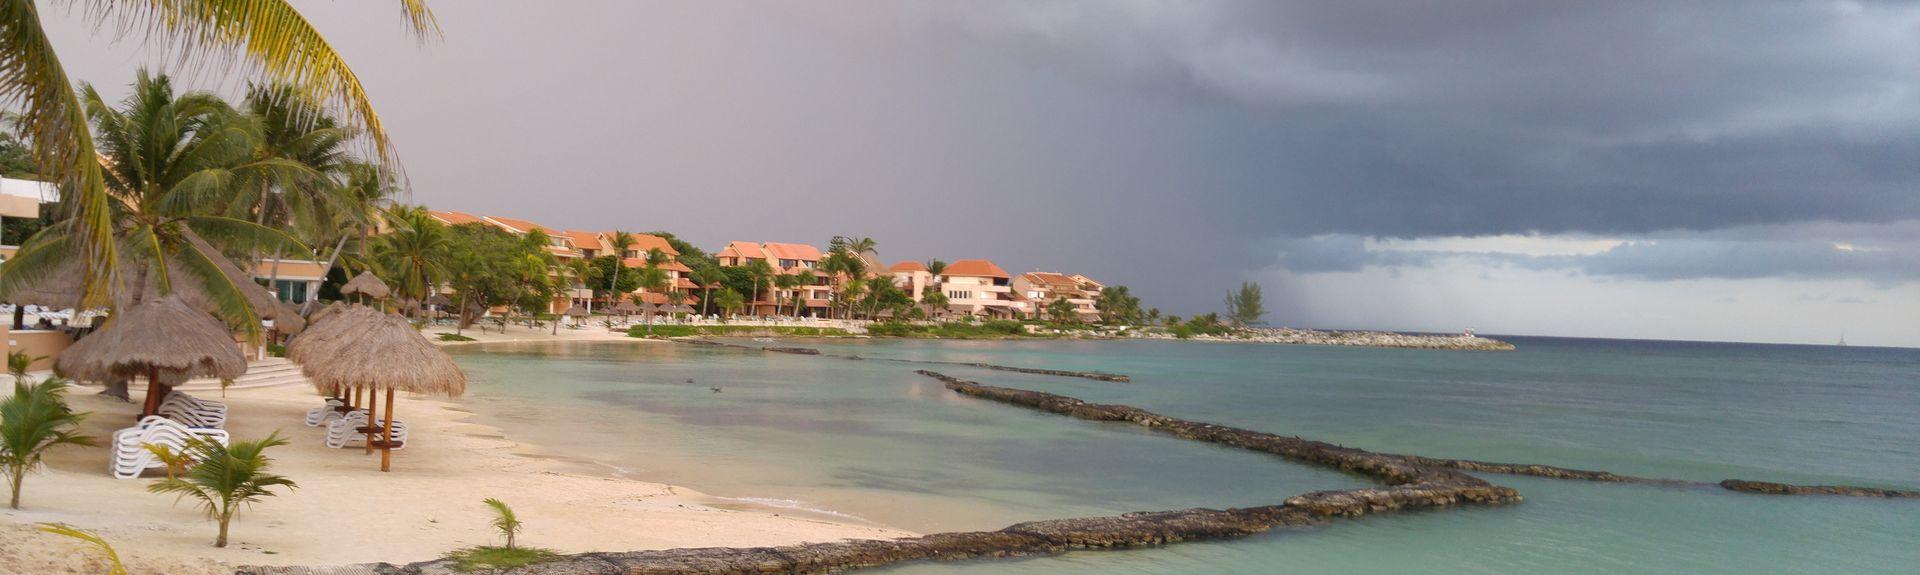 Villas del Mar, Puerto Venturas, Q.R., Mexico